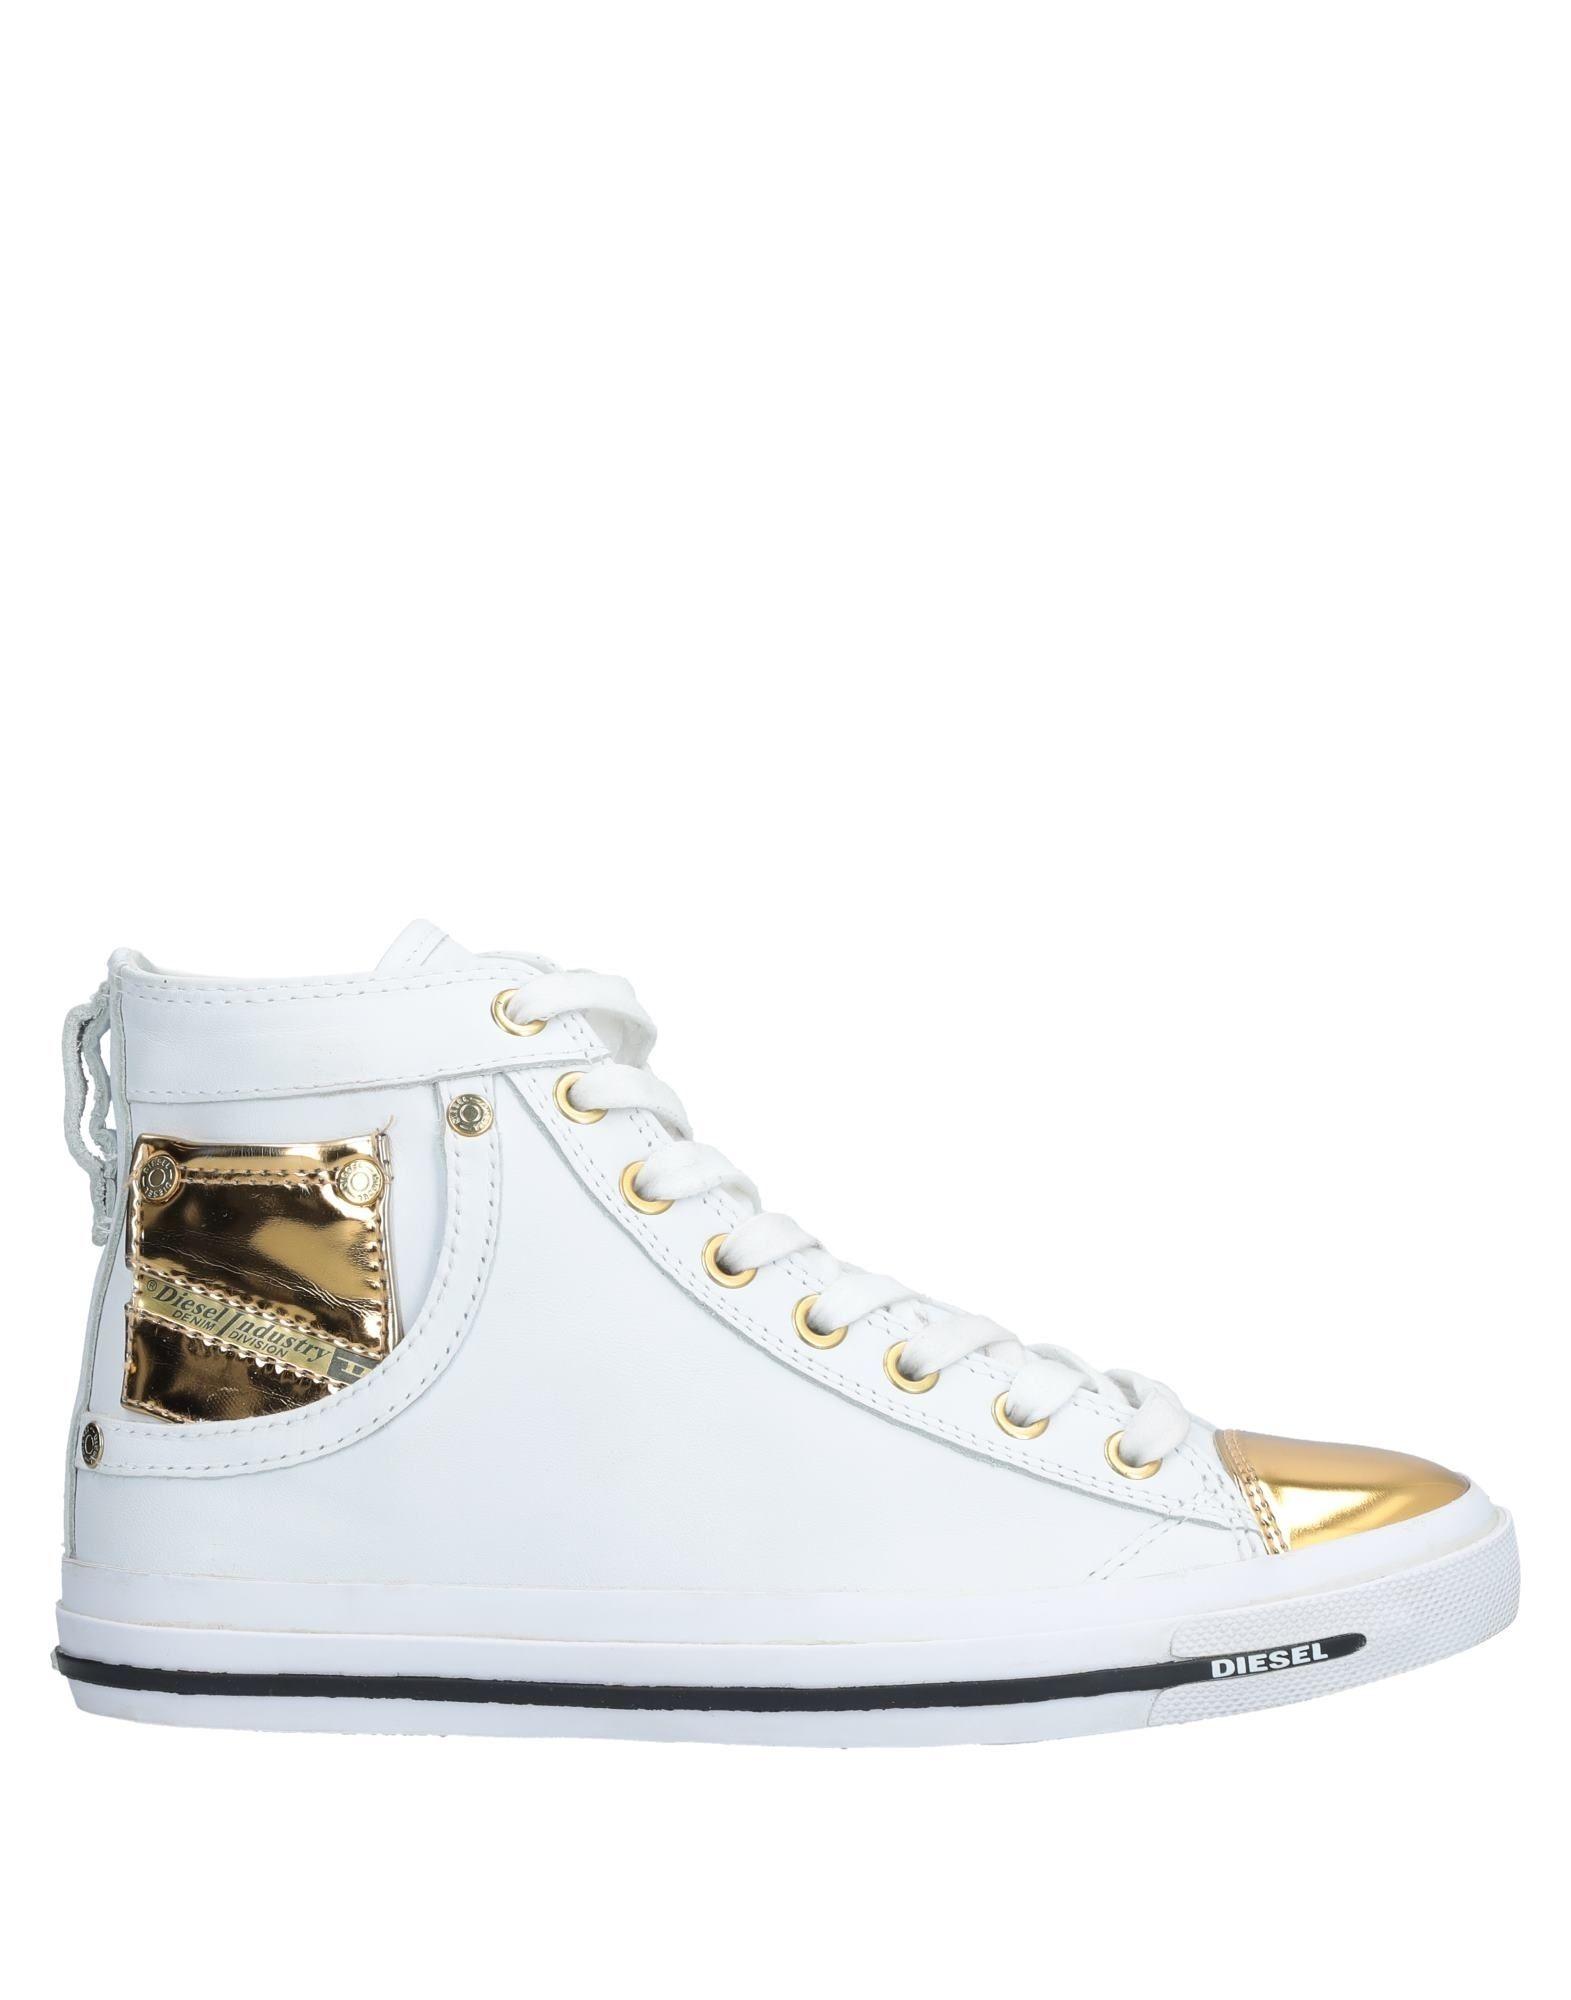 Scarpe economiche e resistenti Sneakers Diesel Donna - 11535281FL